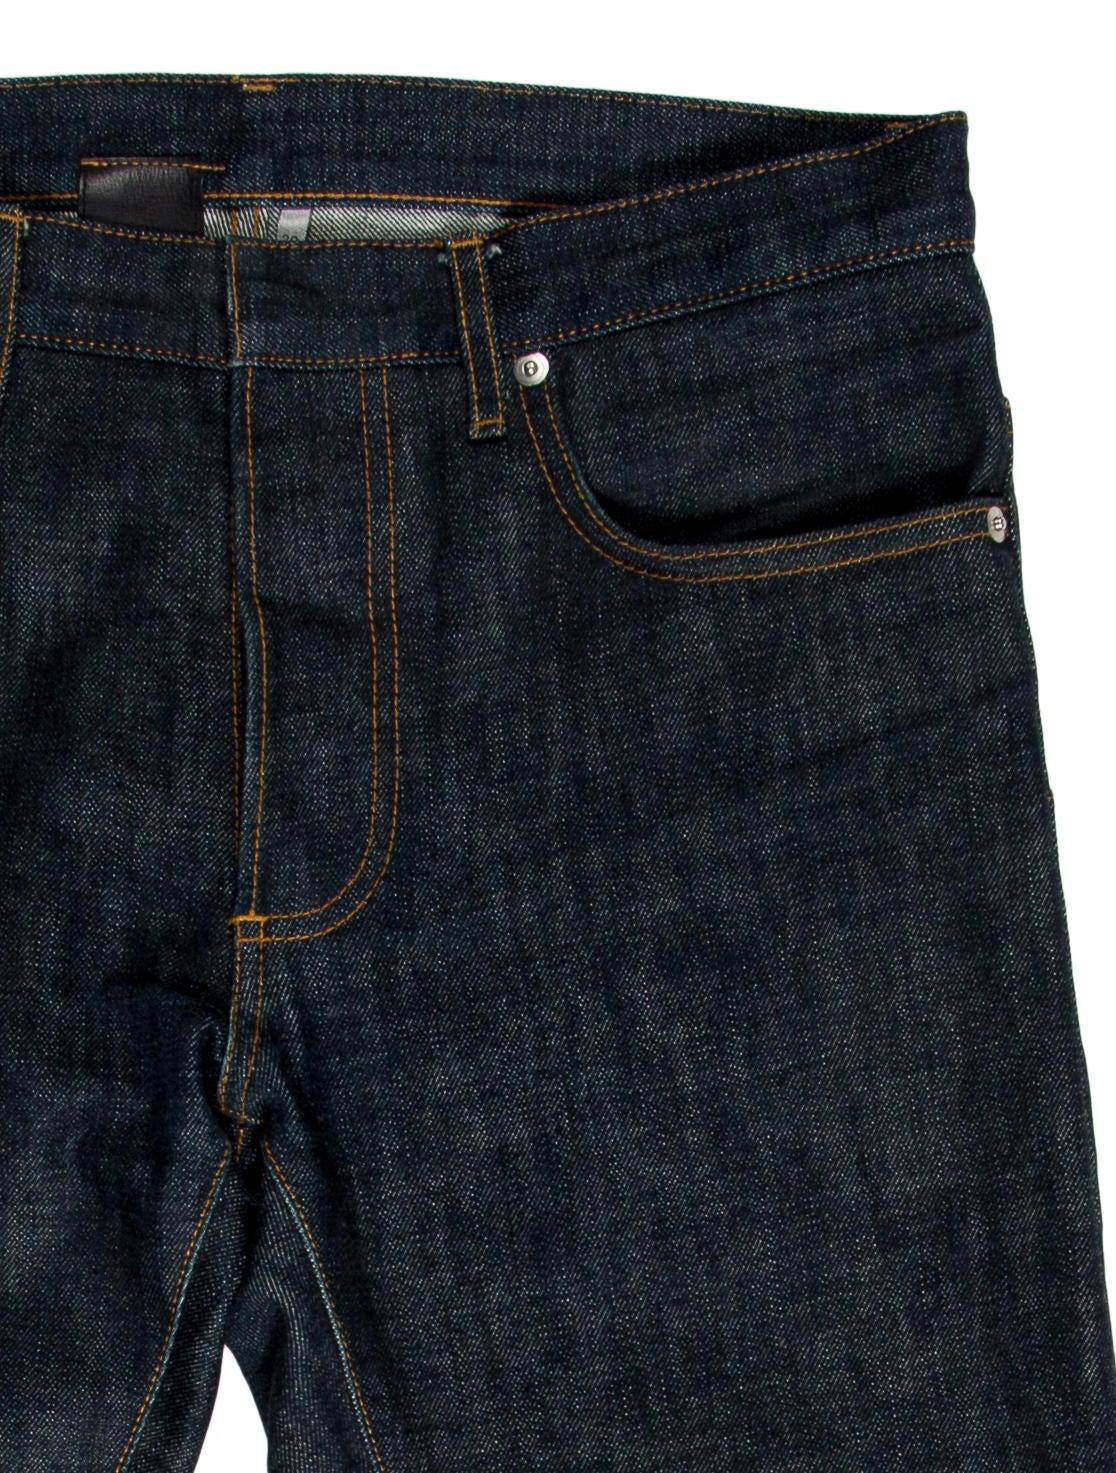 dior homme five pocket skinny jeans clothing hmm22940. Black Bedroom Furniture Sets. Home Design Ideas